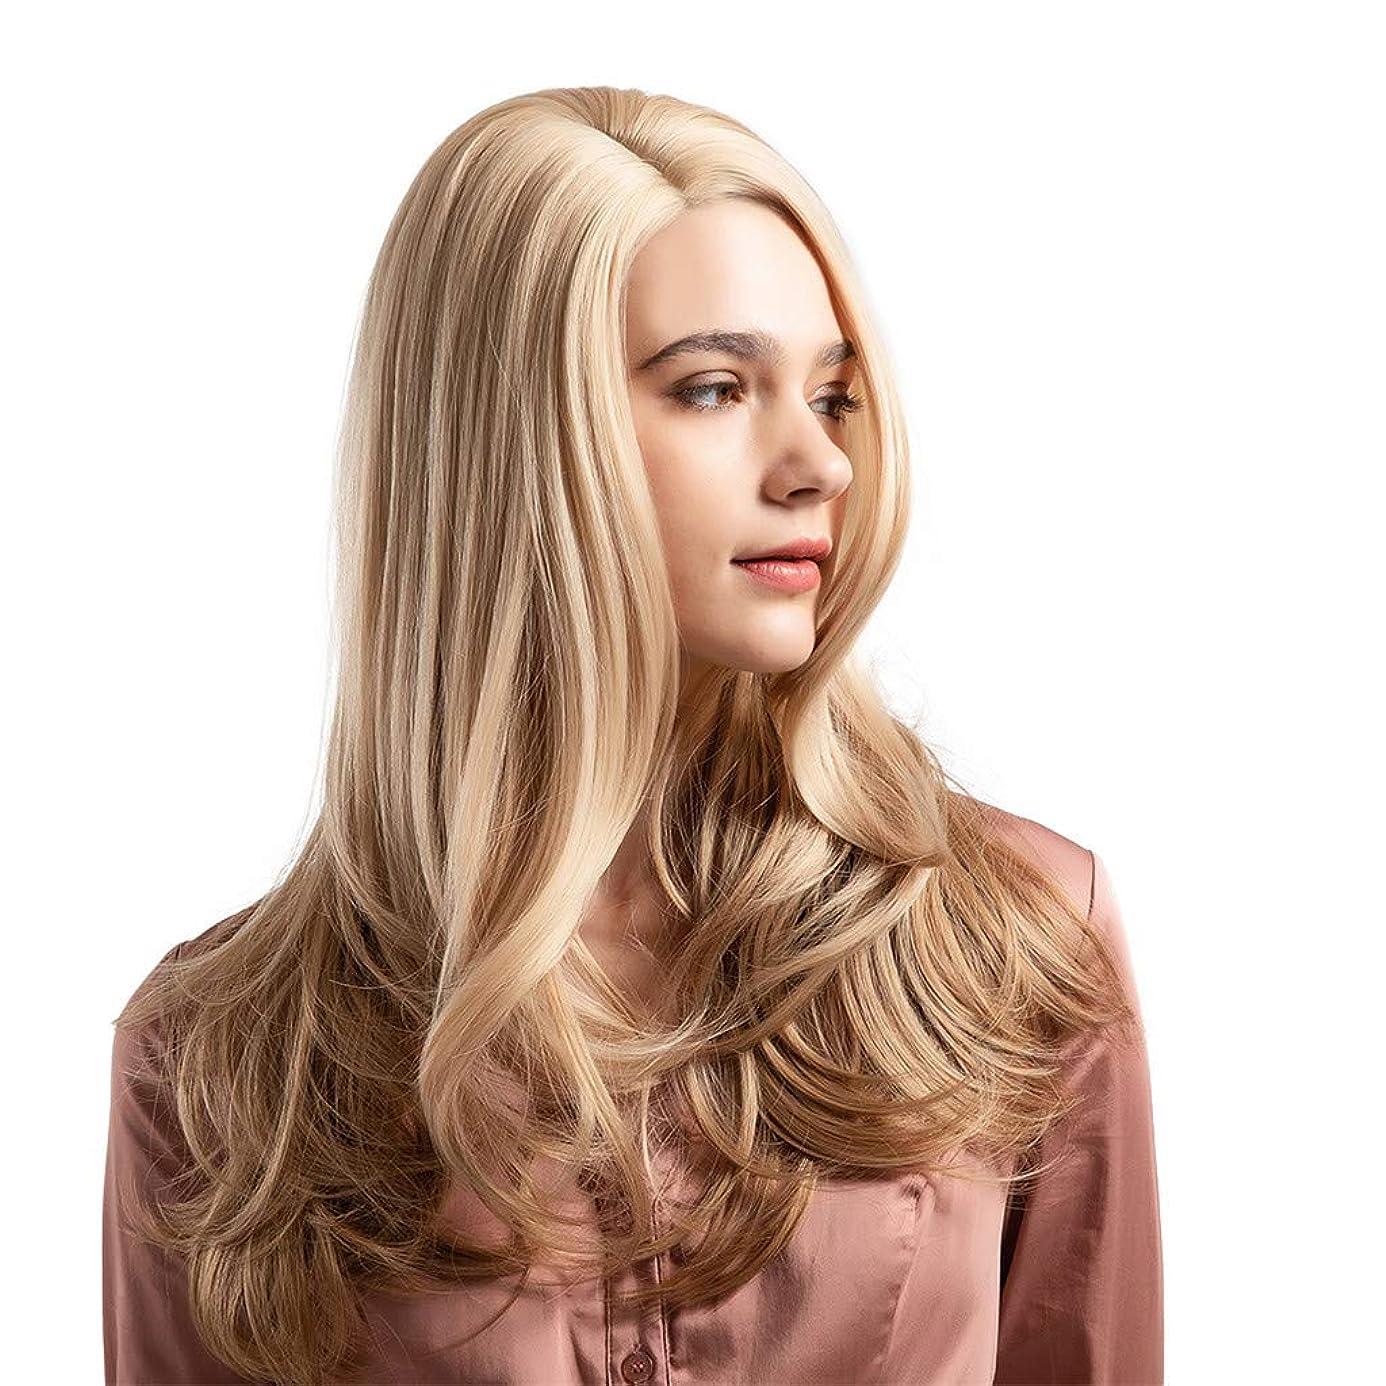 ユーモラス擁する乞食ウィッグ女性黄金の大きな波状の巻き毛の高温シルクウィッグ22インチ